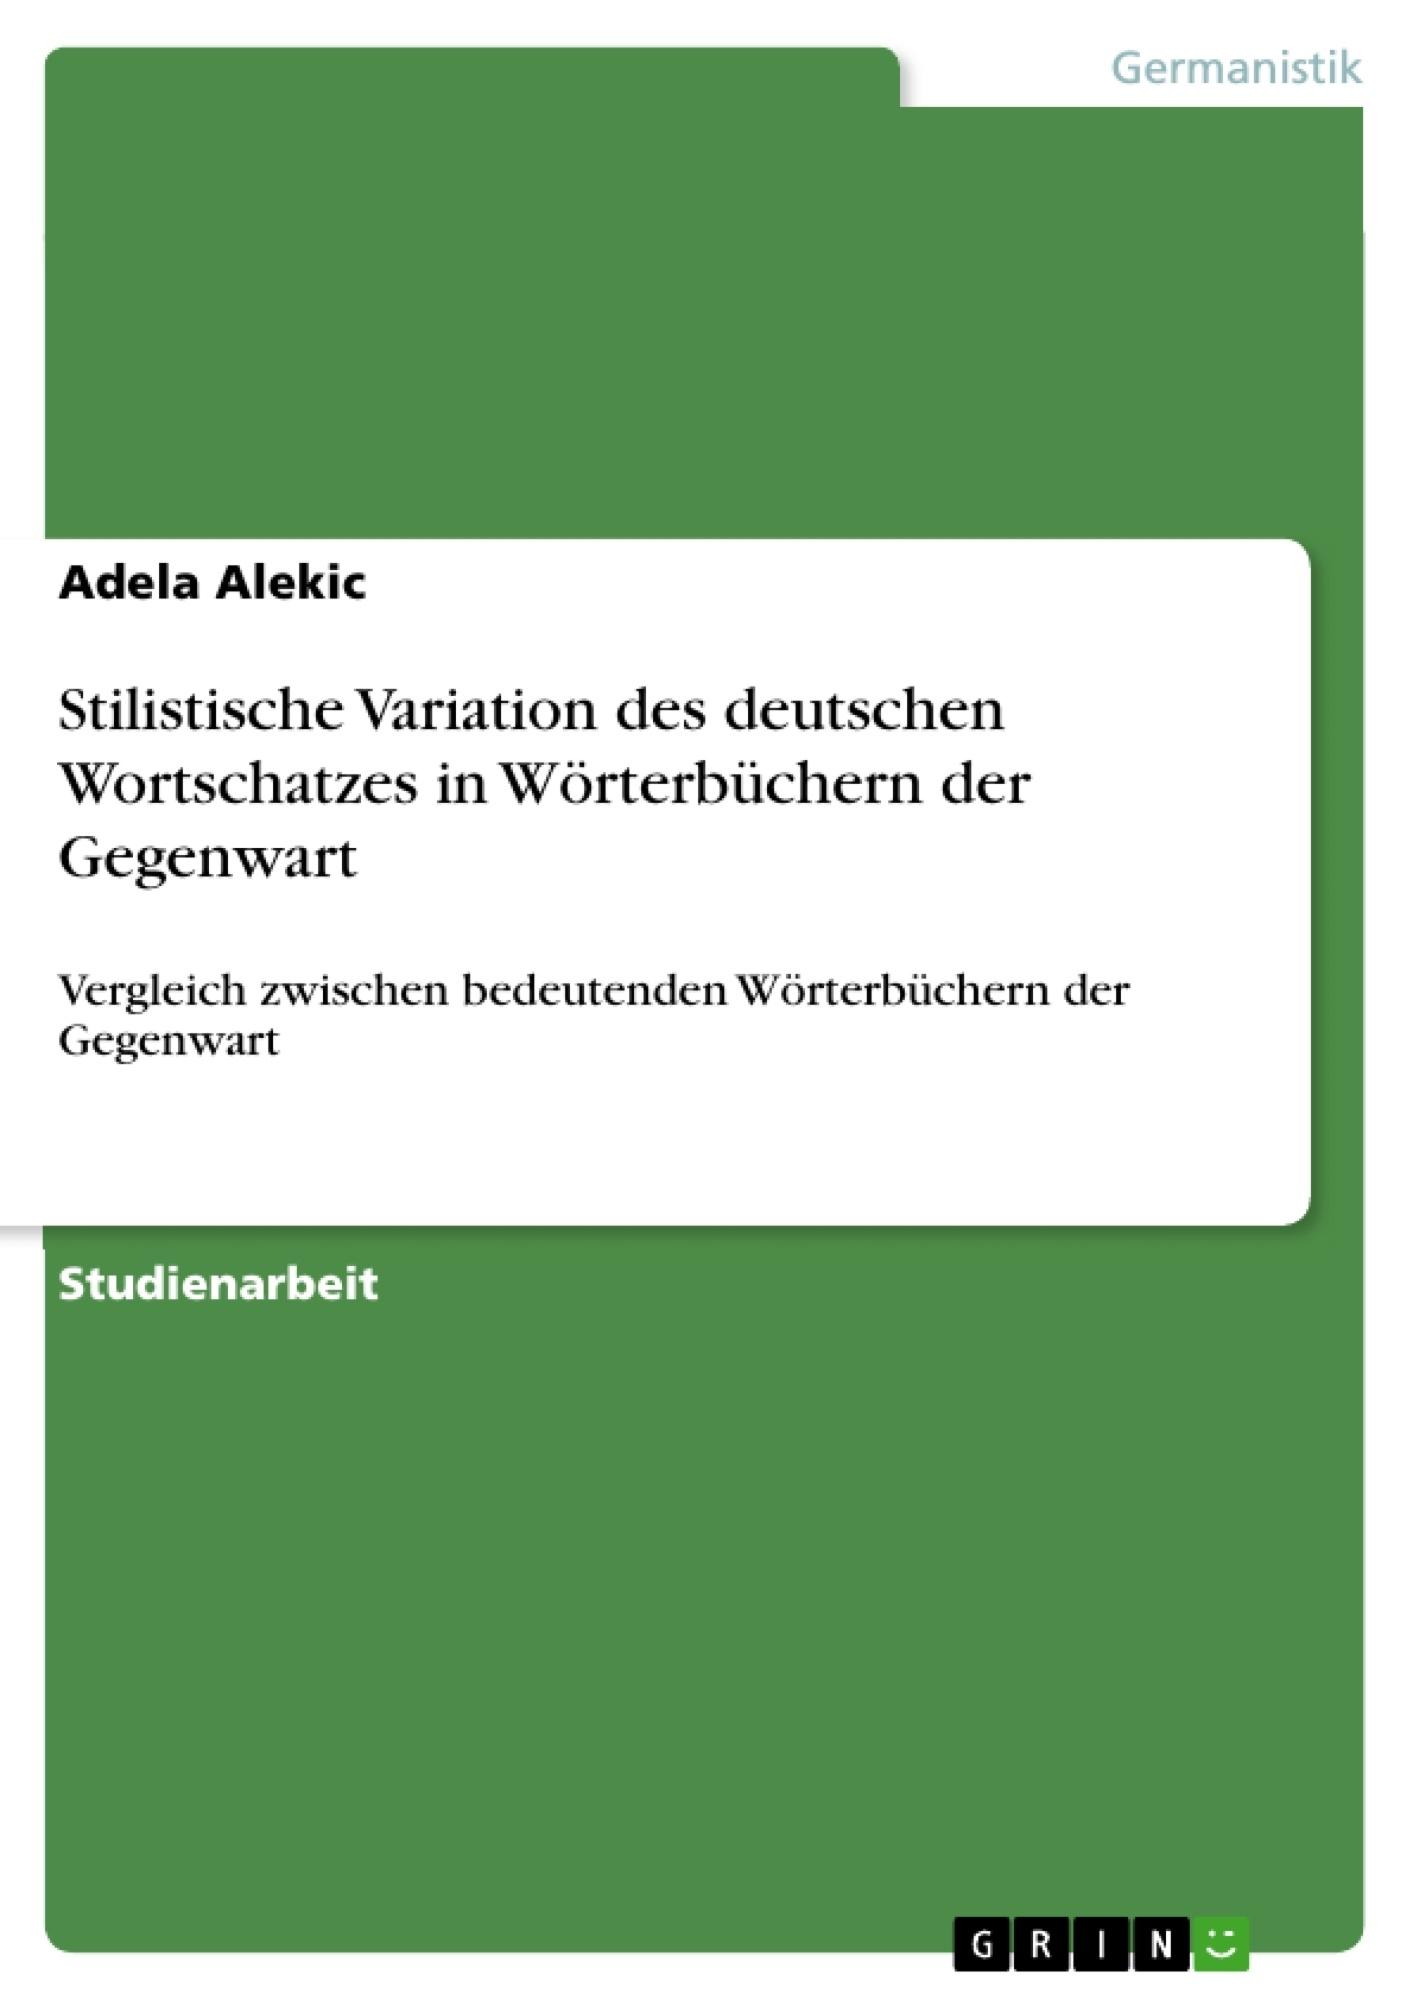 Titel: Stilistische Variation des deutschen Wortschatzes in Wörterbüchern der Gegenwart